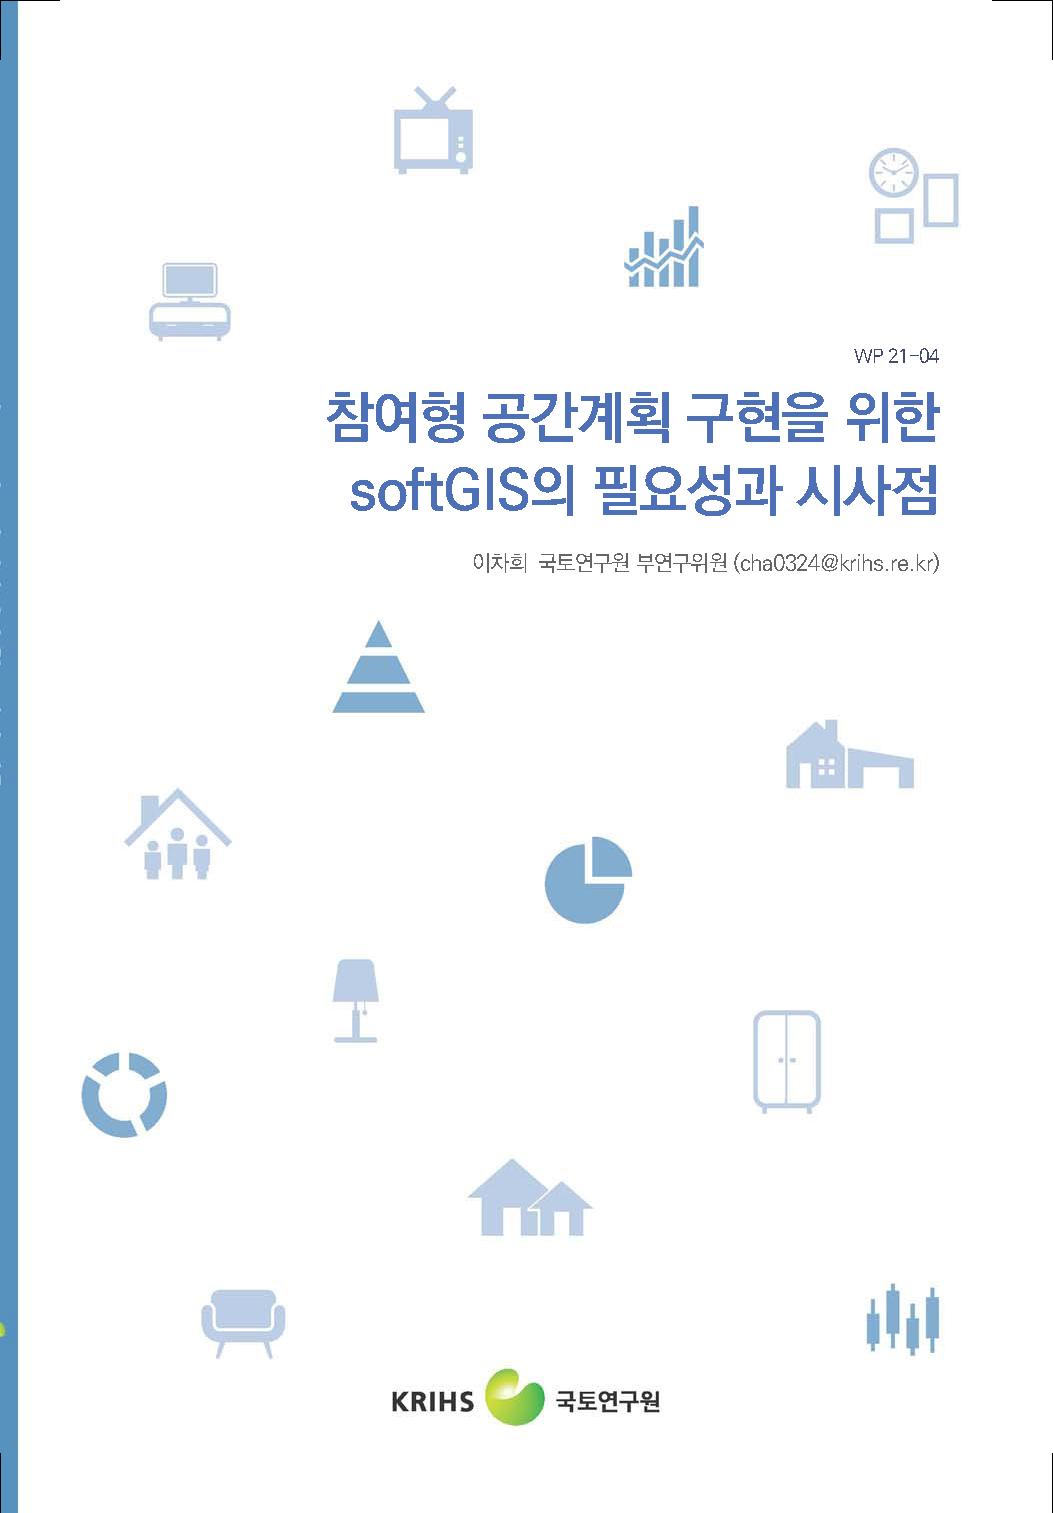 참여형 공간계획 구현을 위한 softGIS 필요성과 시사점표지